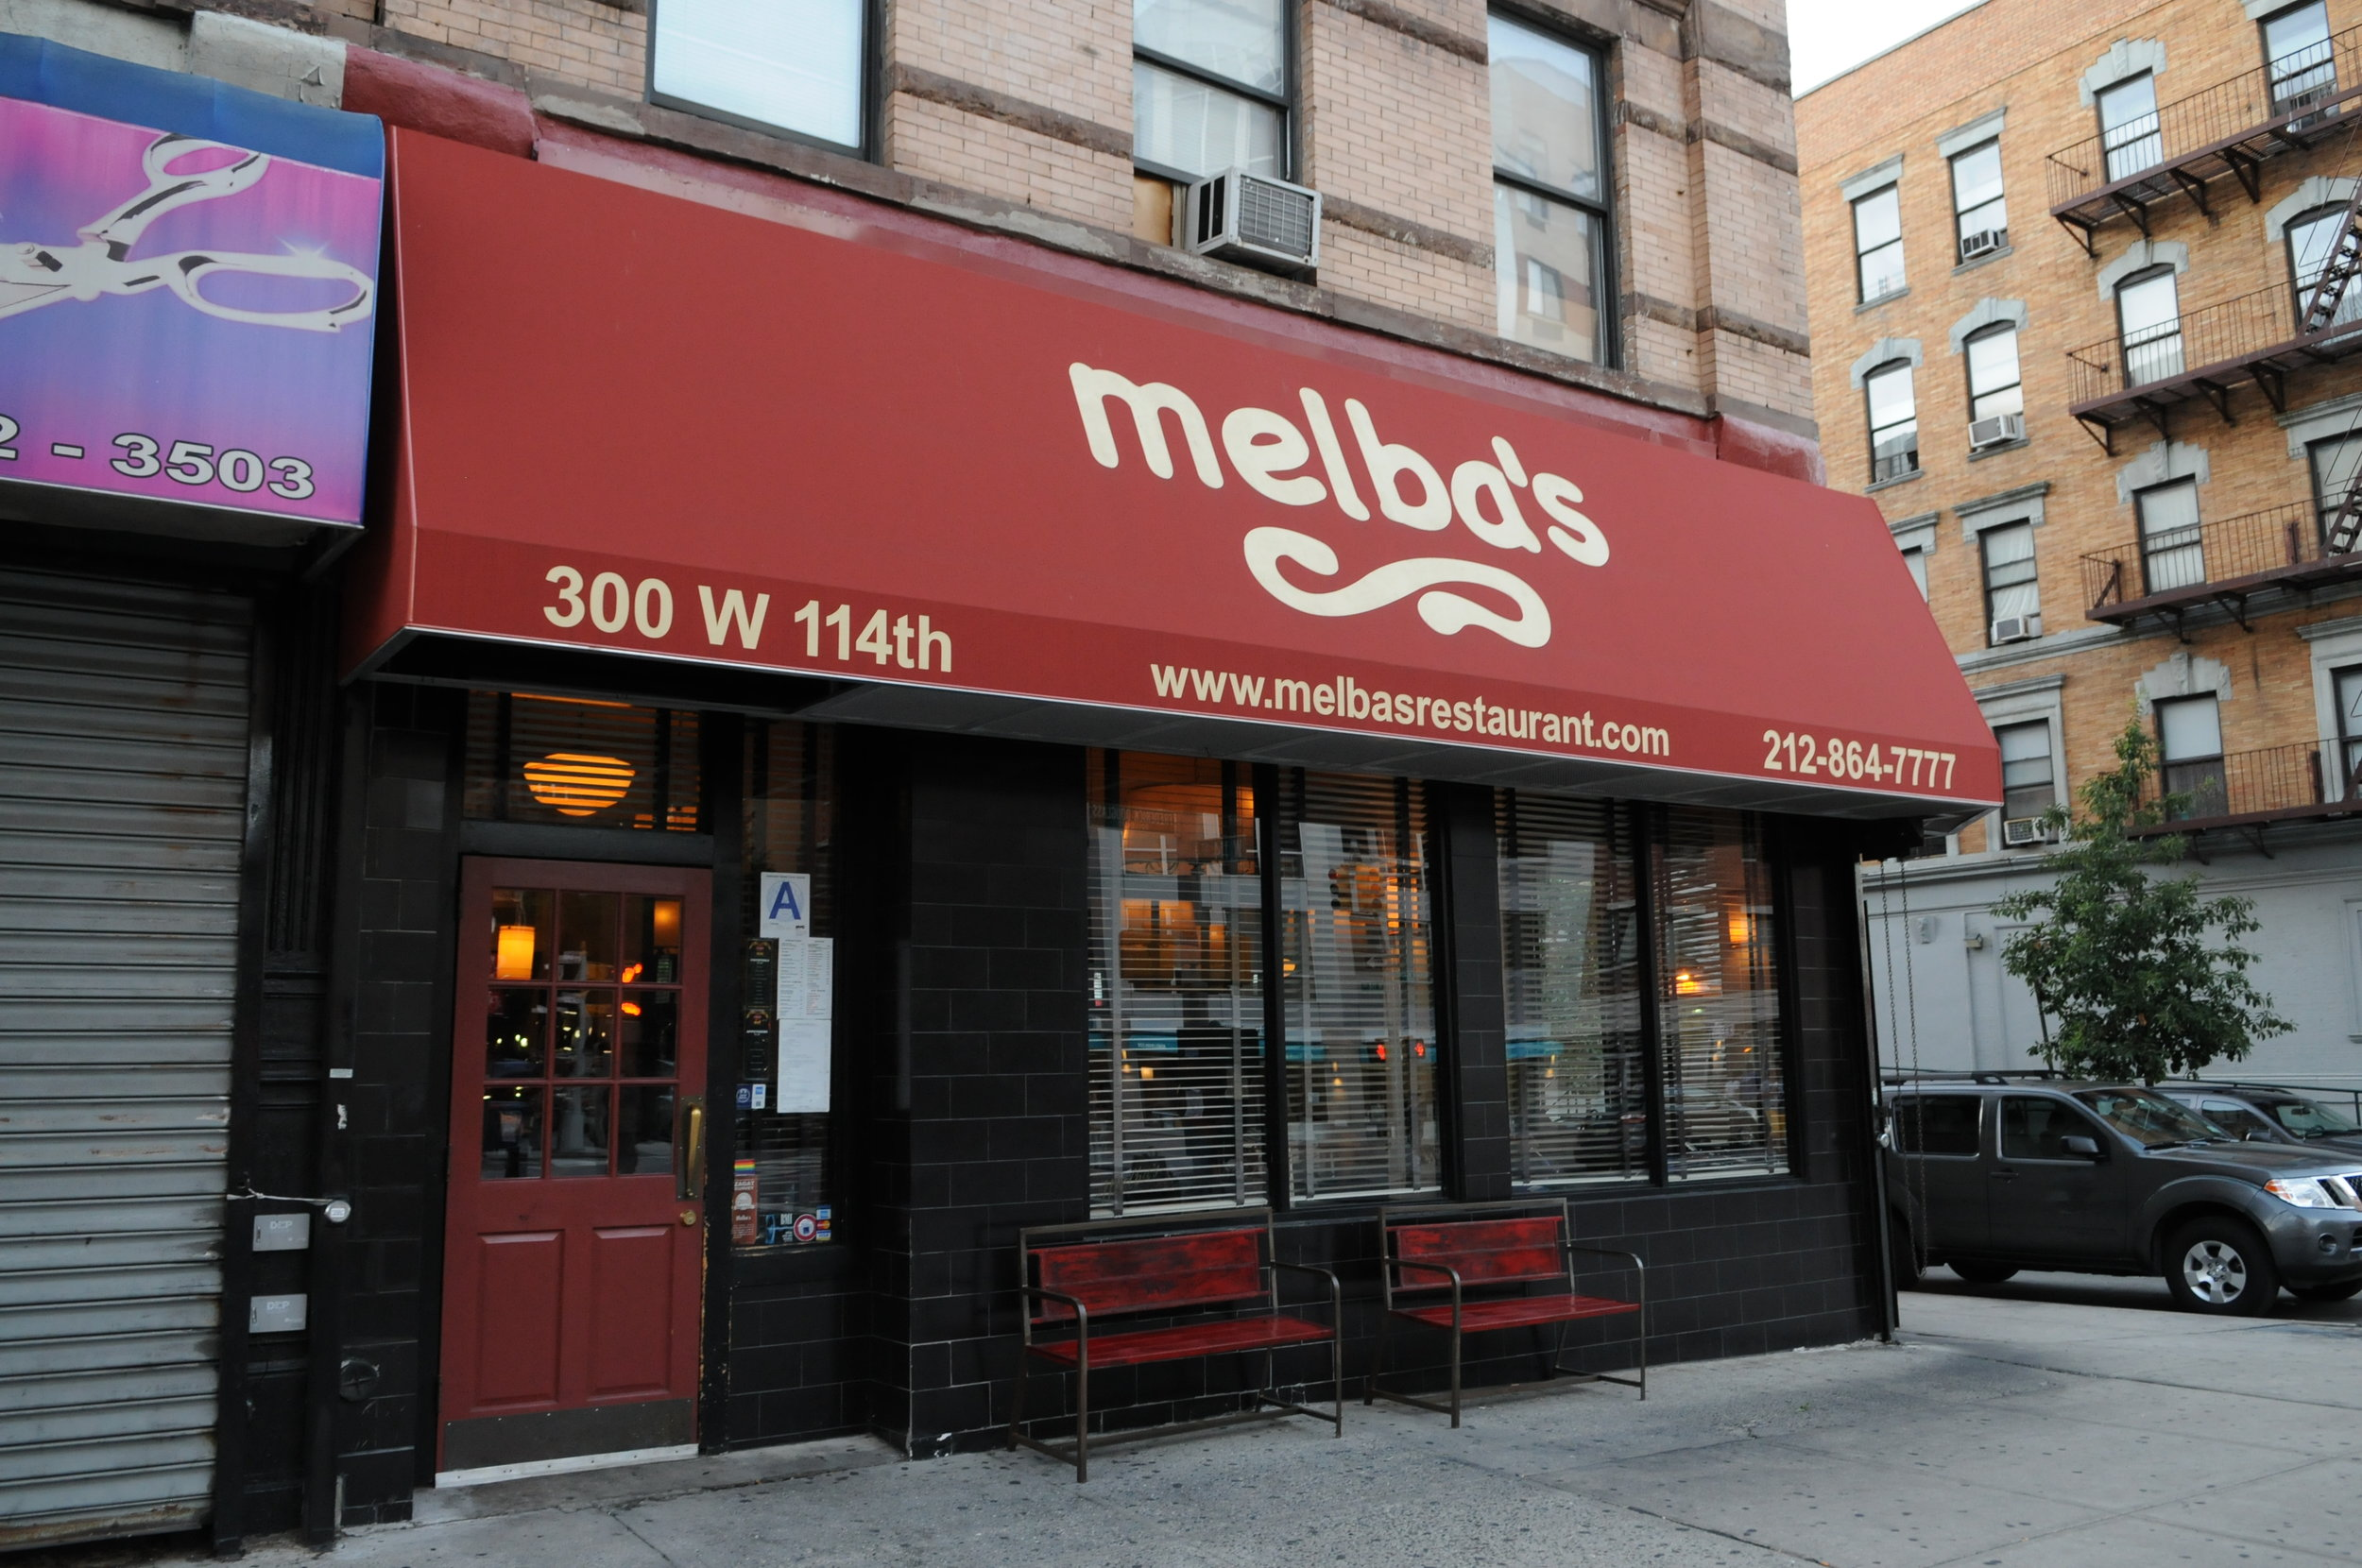 Photo: Rosemary Santos / Outside Melba's restaurant